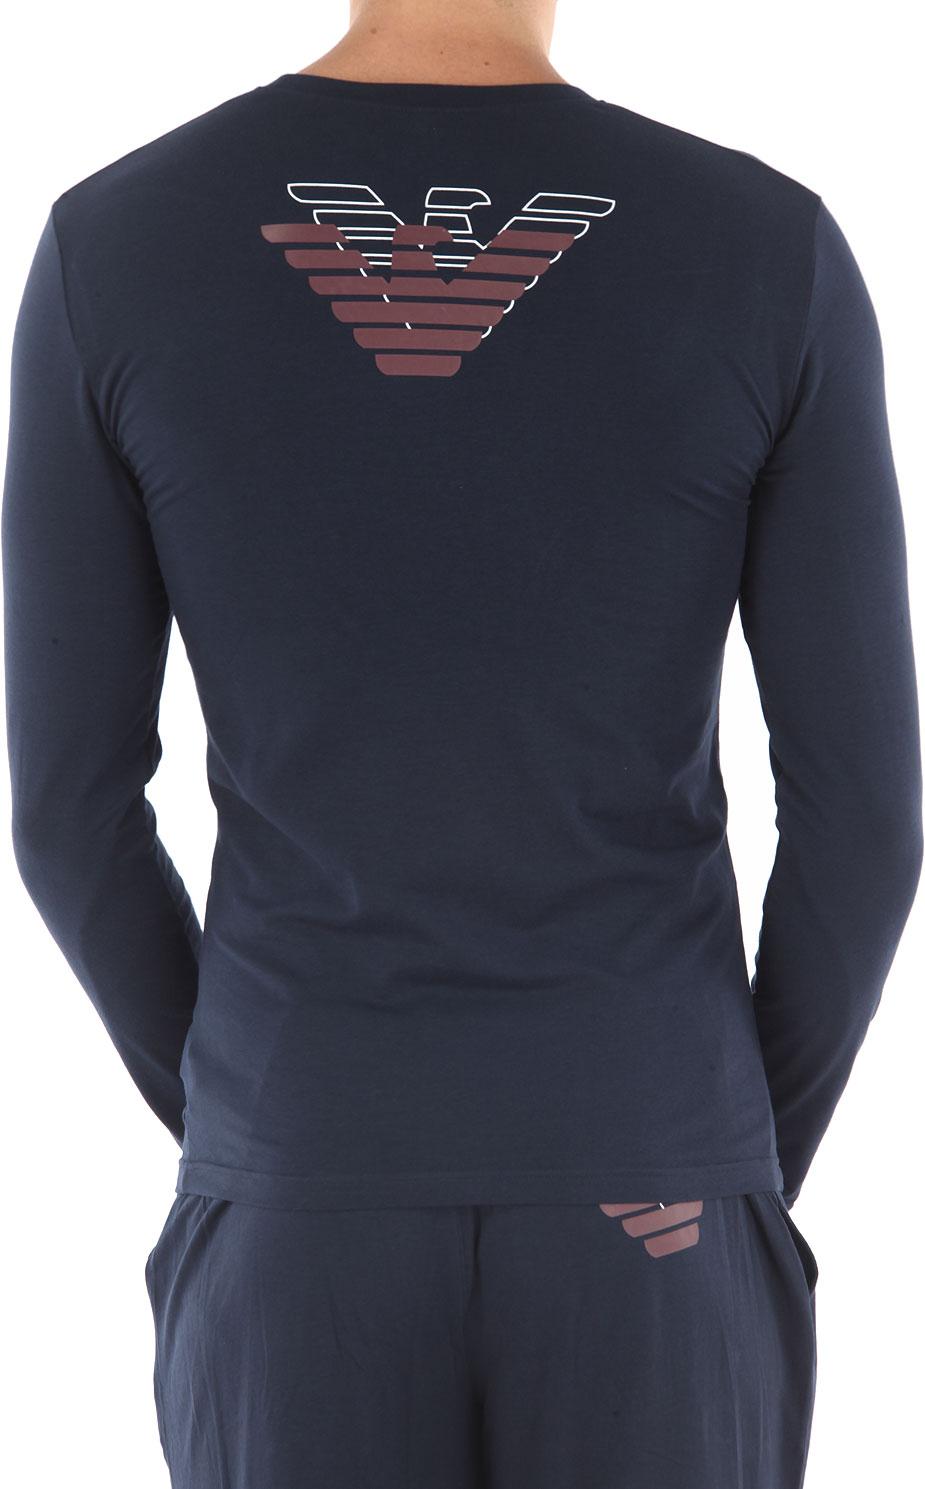 Articolo Abbigliamento Codice 111023 Emporio Uomo Emporio Armani Uomo Armani Codice Abbigliamento 00135 7a725 qARqfTan